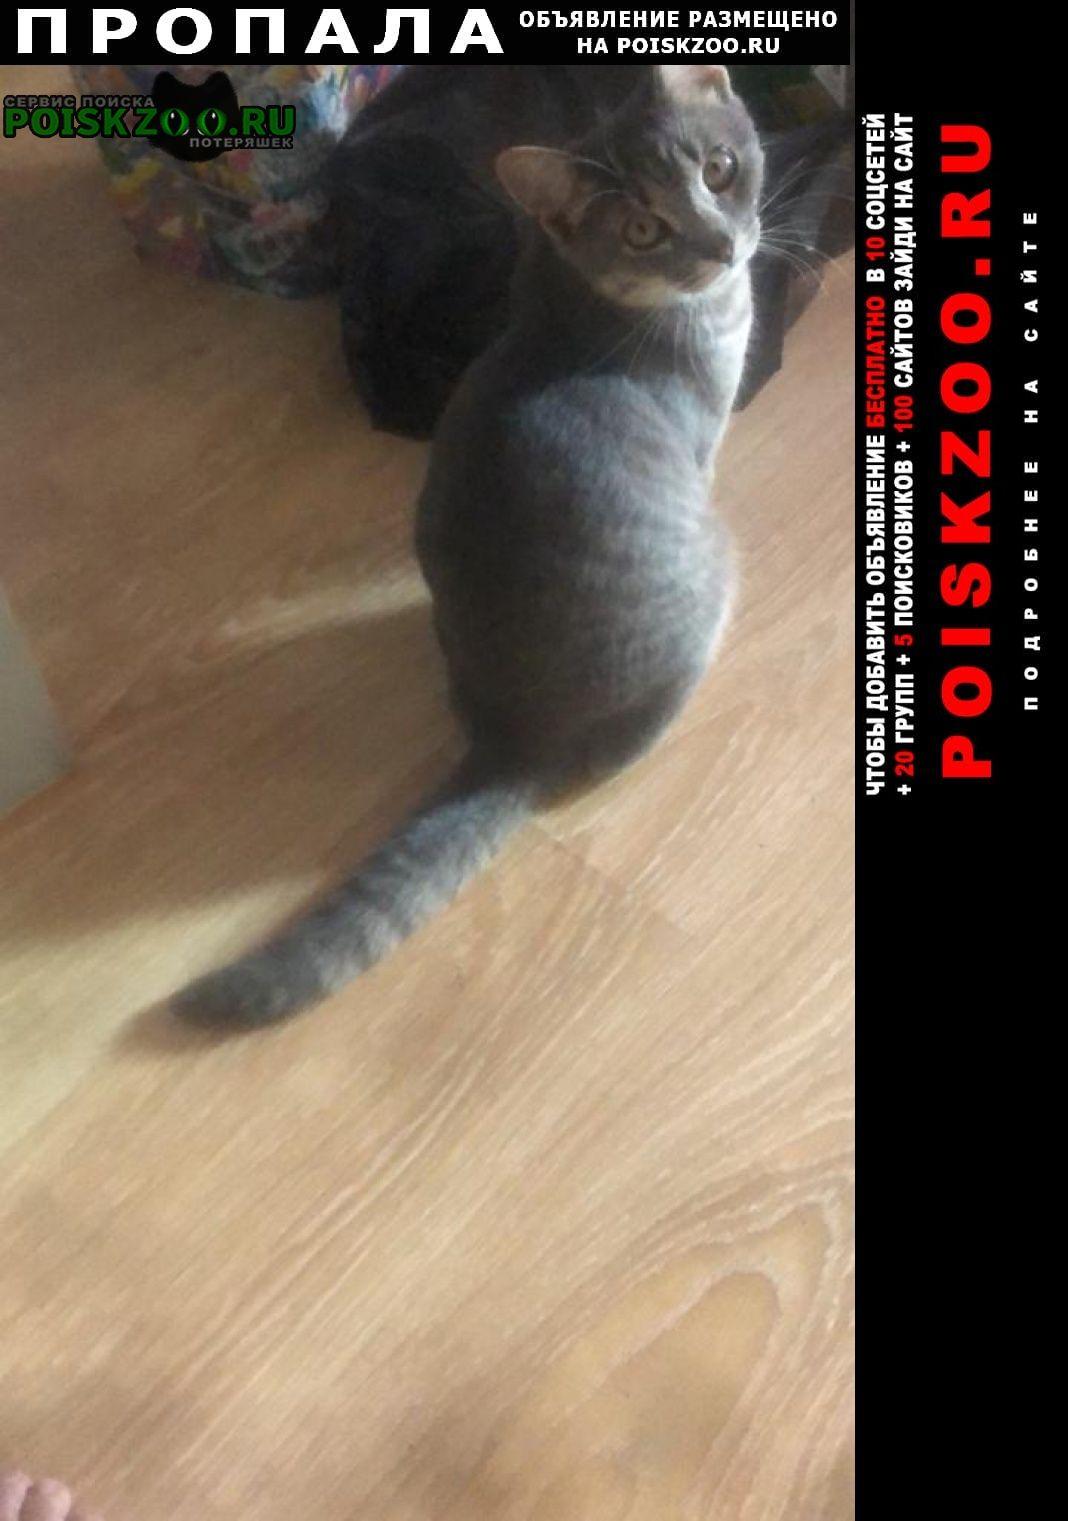 Пропала кошка.. Москва